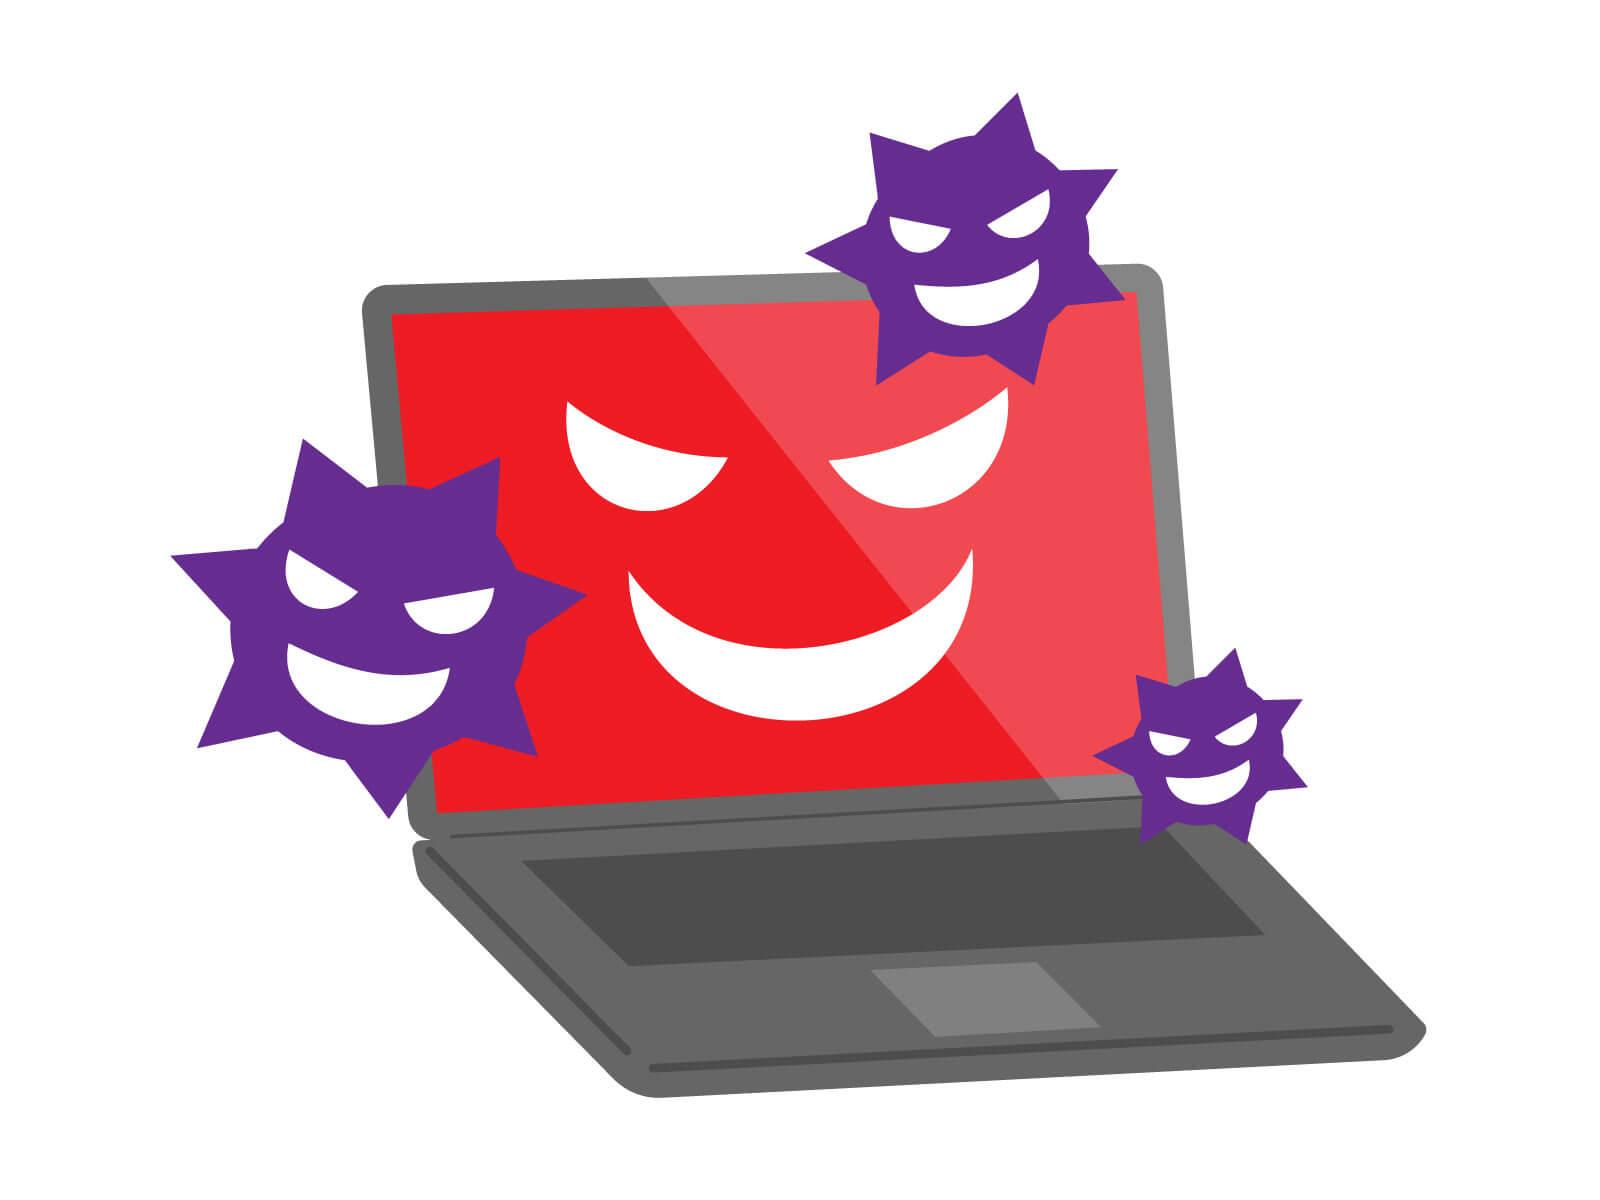 パソコンにウイルスを侵入させる目的